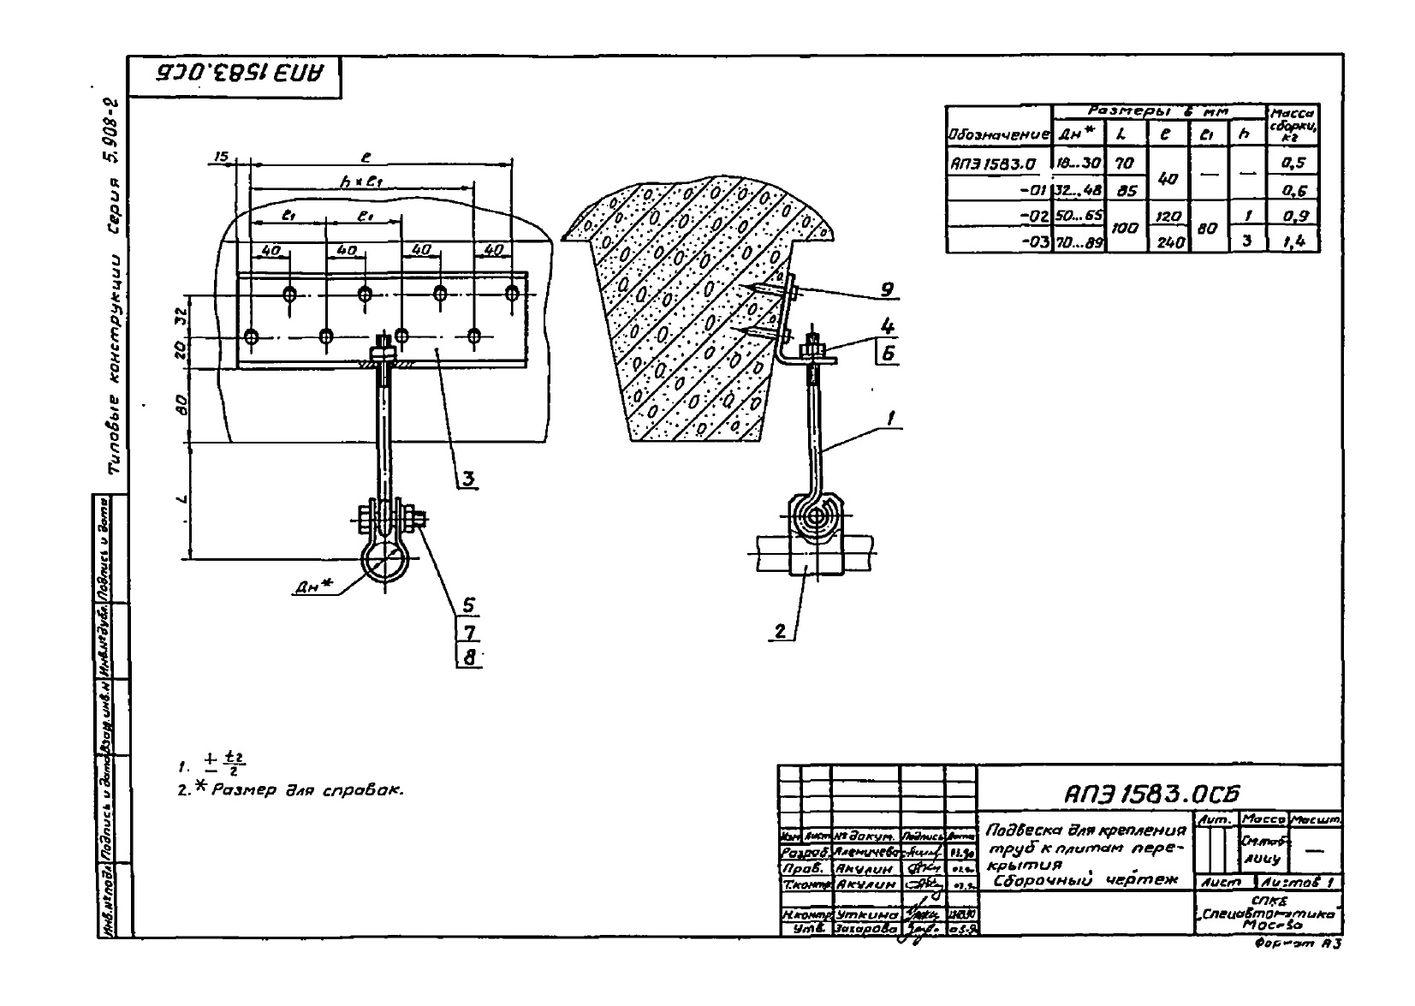 Подвеска АПЭ 1583.0 серия 5.908-2 стр.1